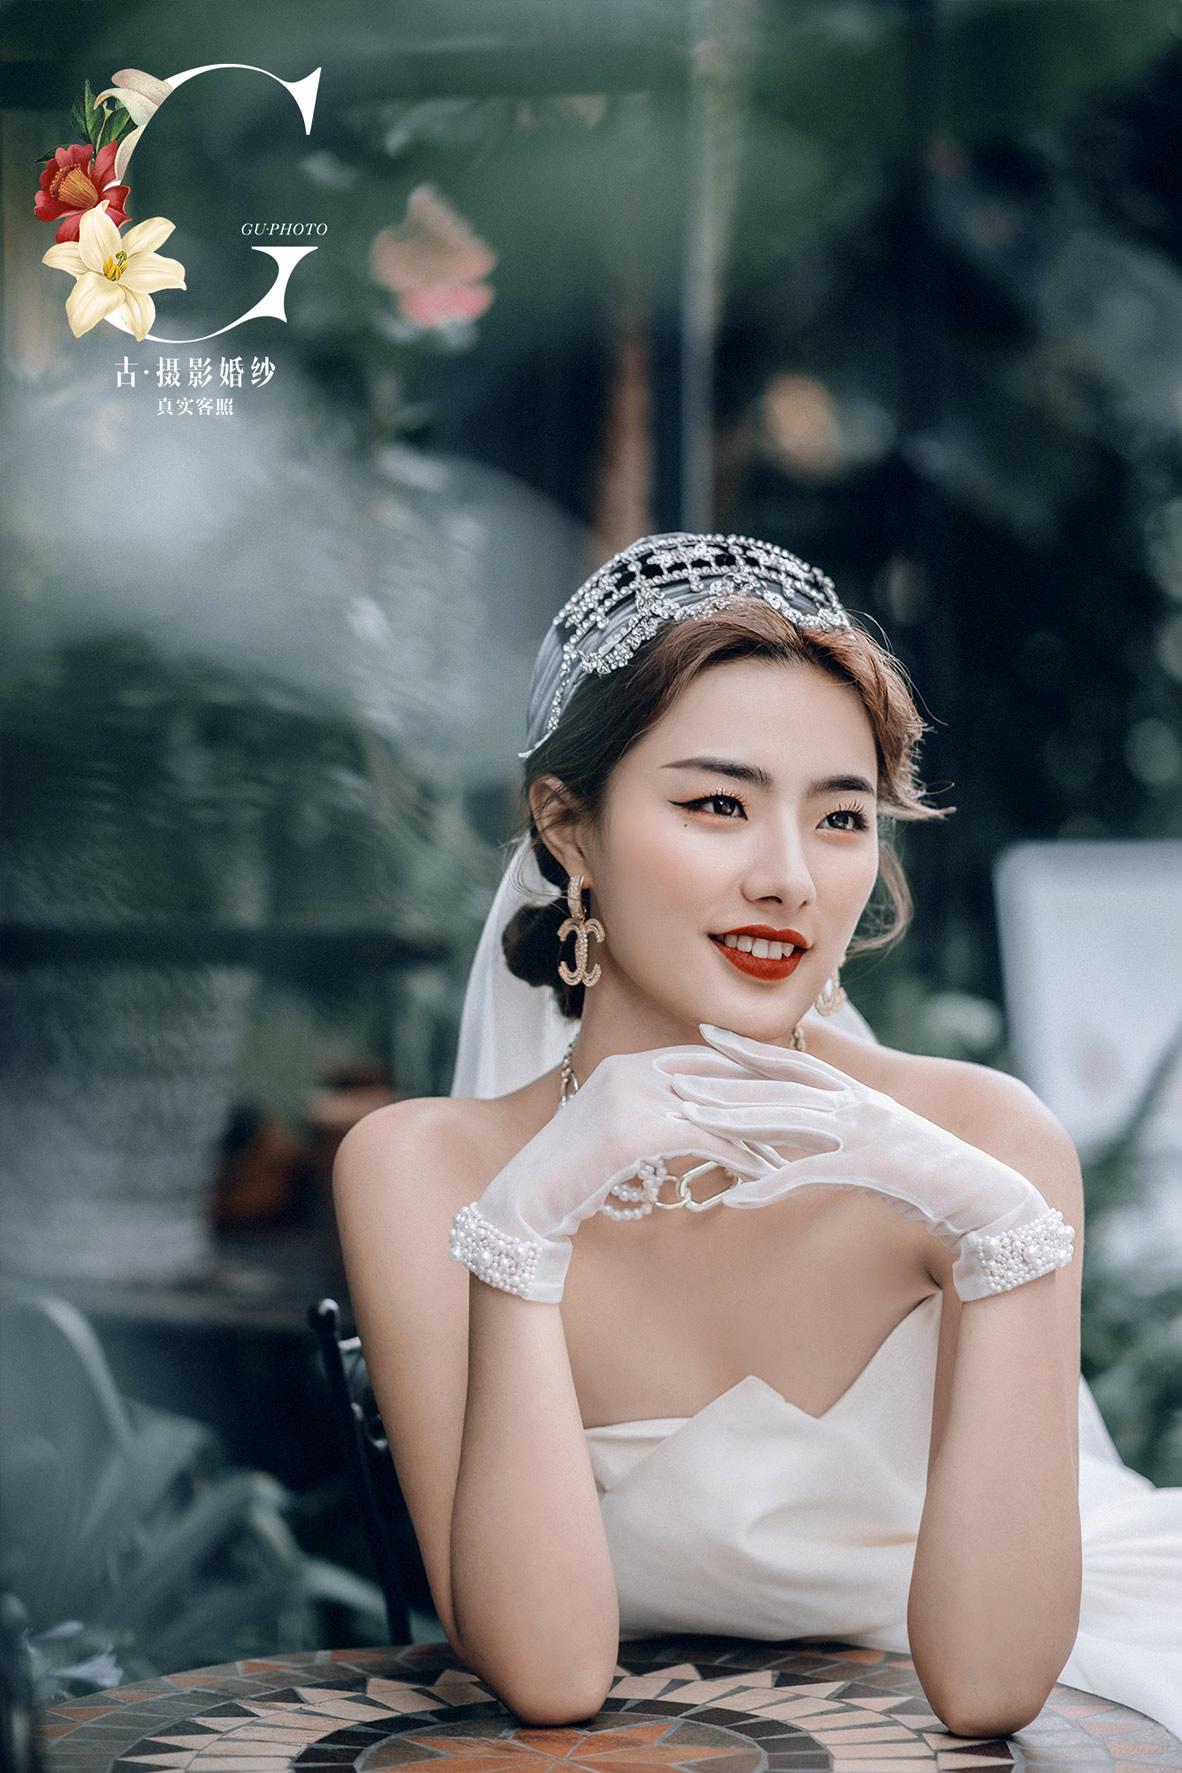 小焱夫妇 - 每日客照 - 古摄影婚纱艺术-古摄影成都婚纱摄影艺术摄影网